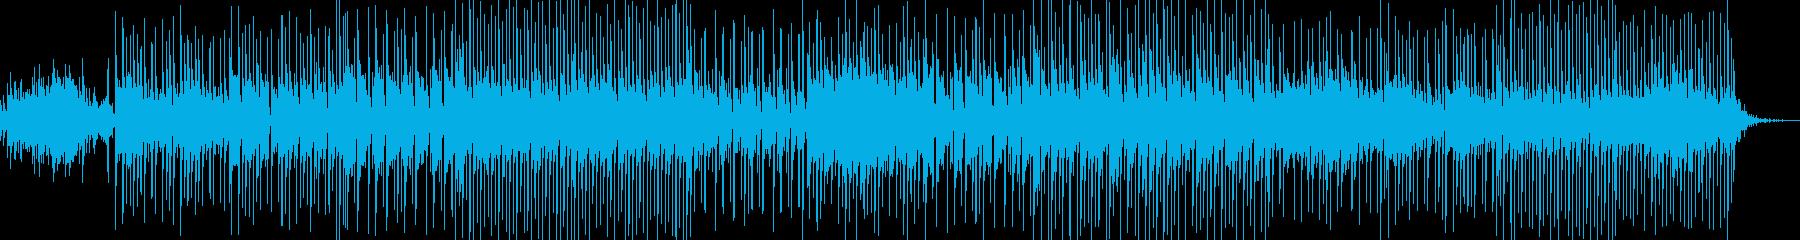 可愛くてほのぼのしたBGMの再生済みの波形